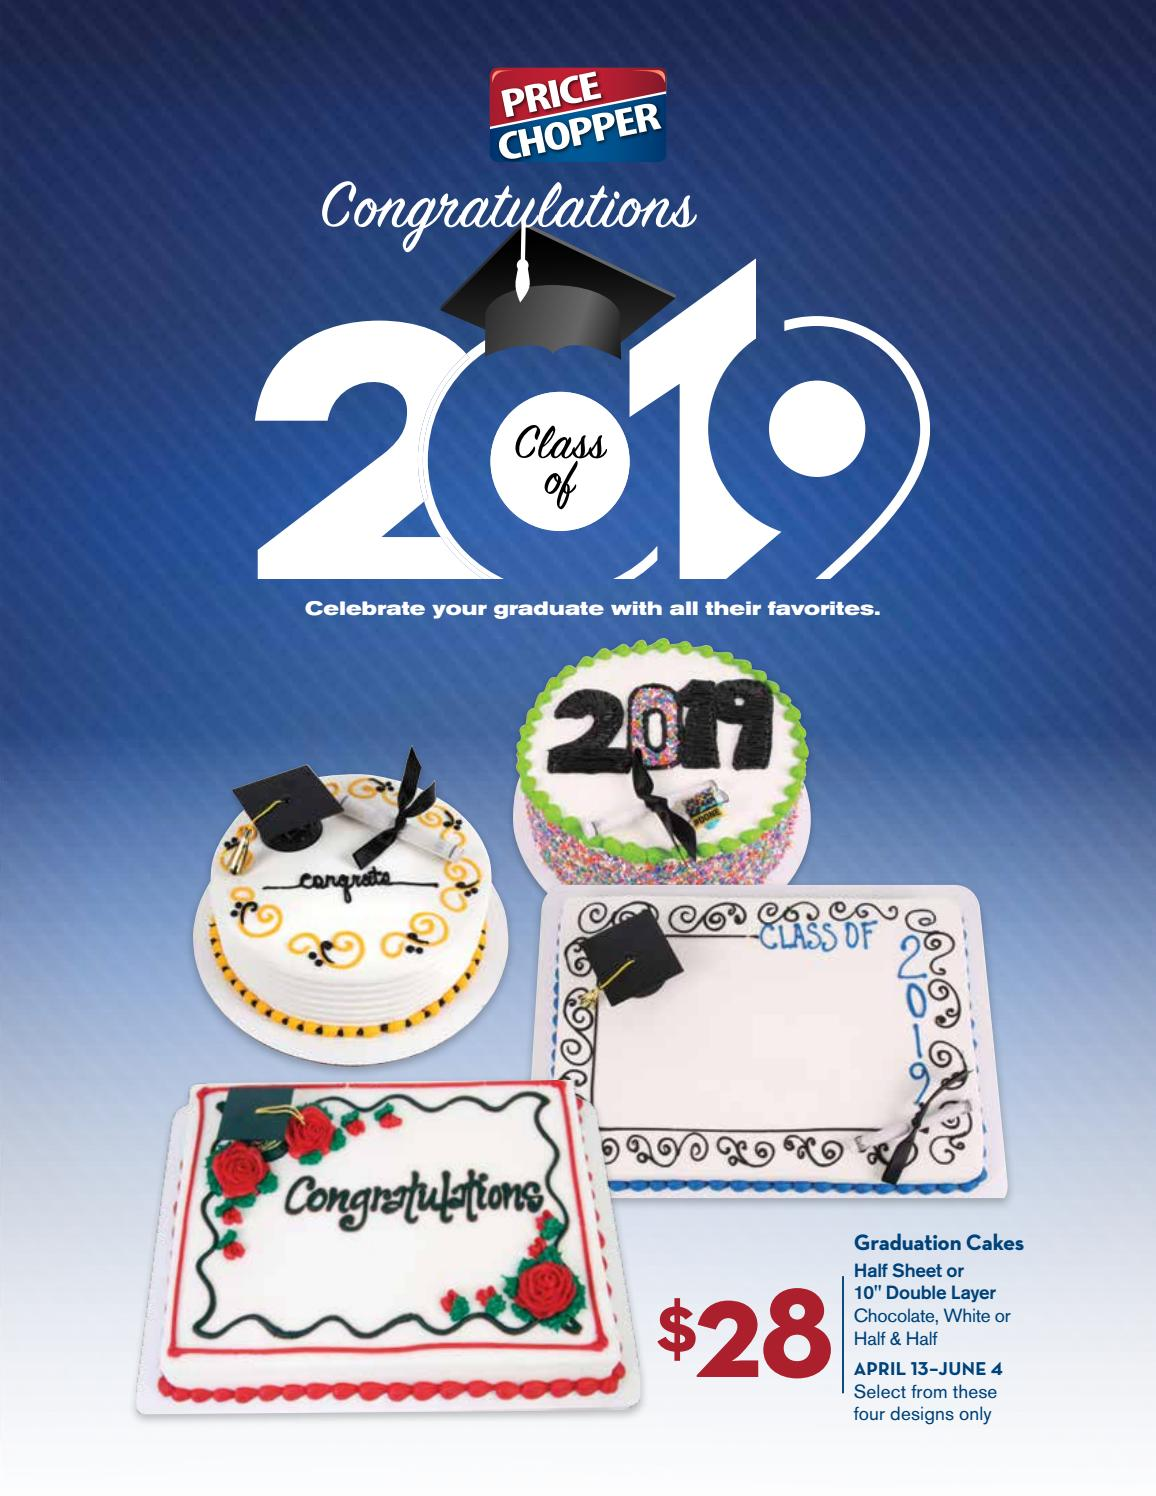 Enjoyable Graduation 2019 By Pricechopper Issuu Funny Birthday Cards Online Elaedamsfinfo